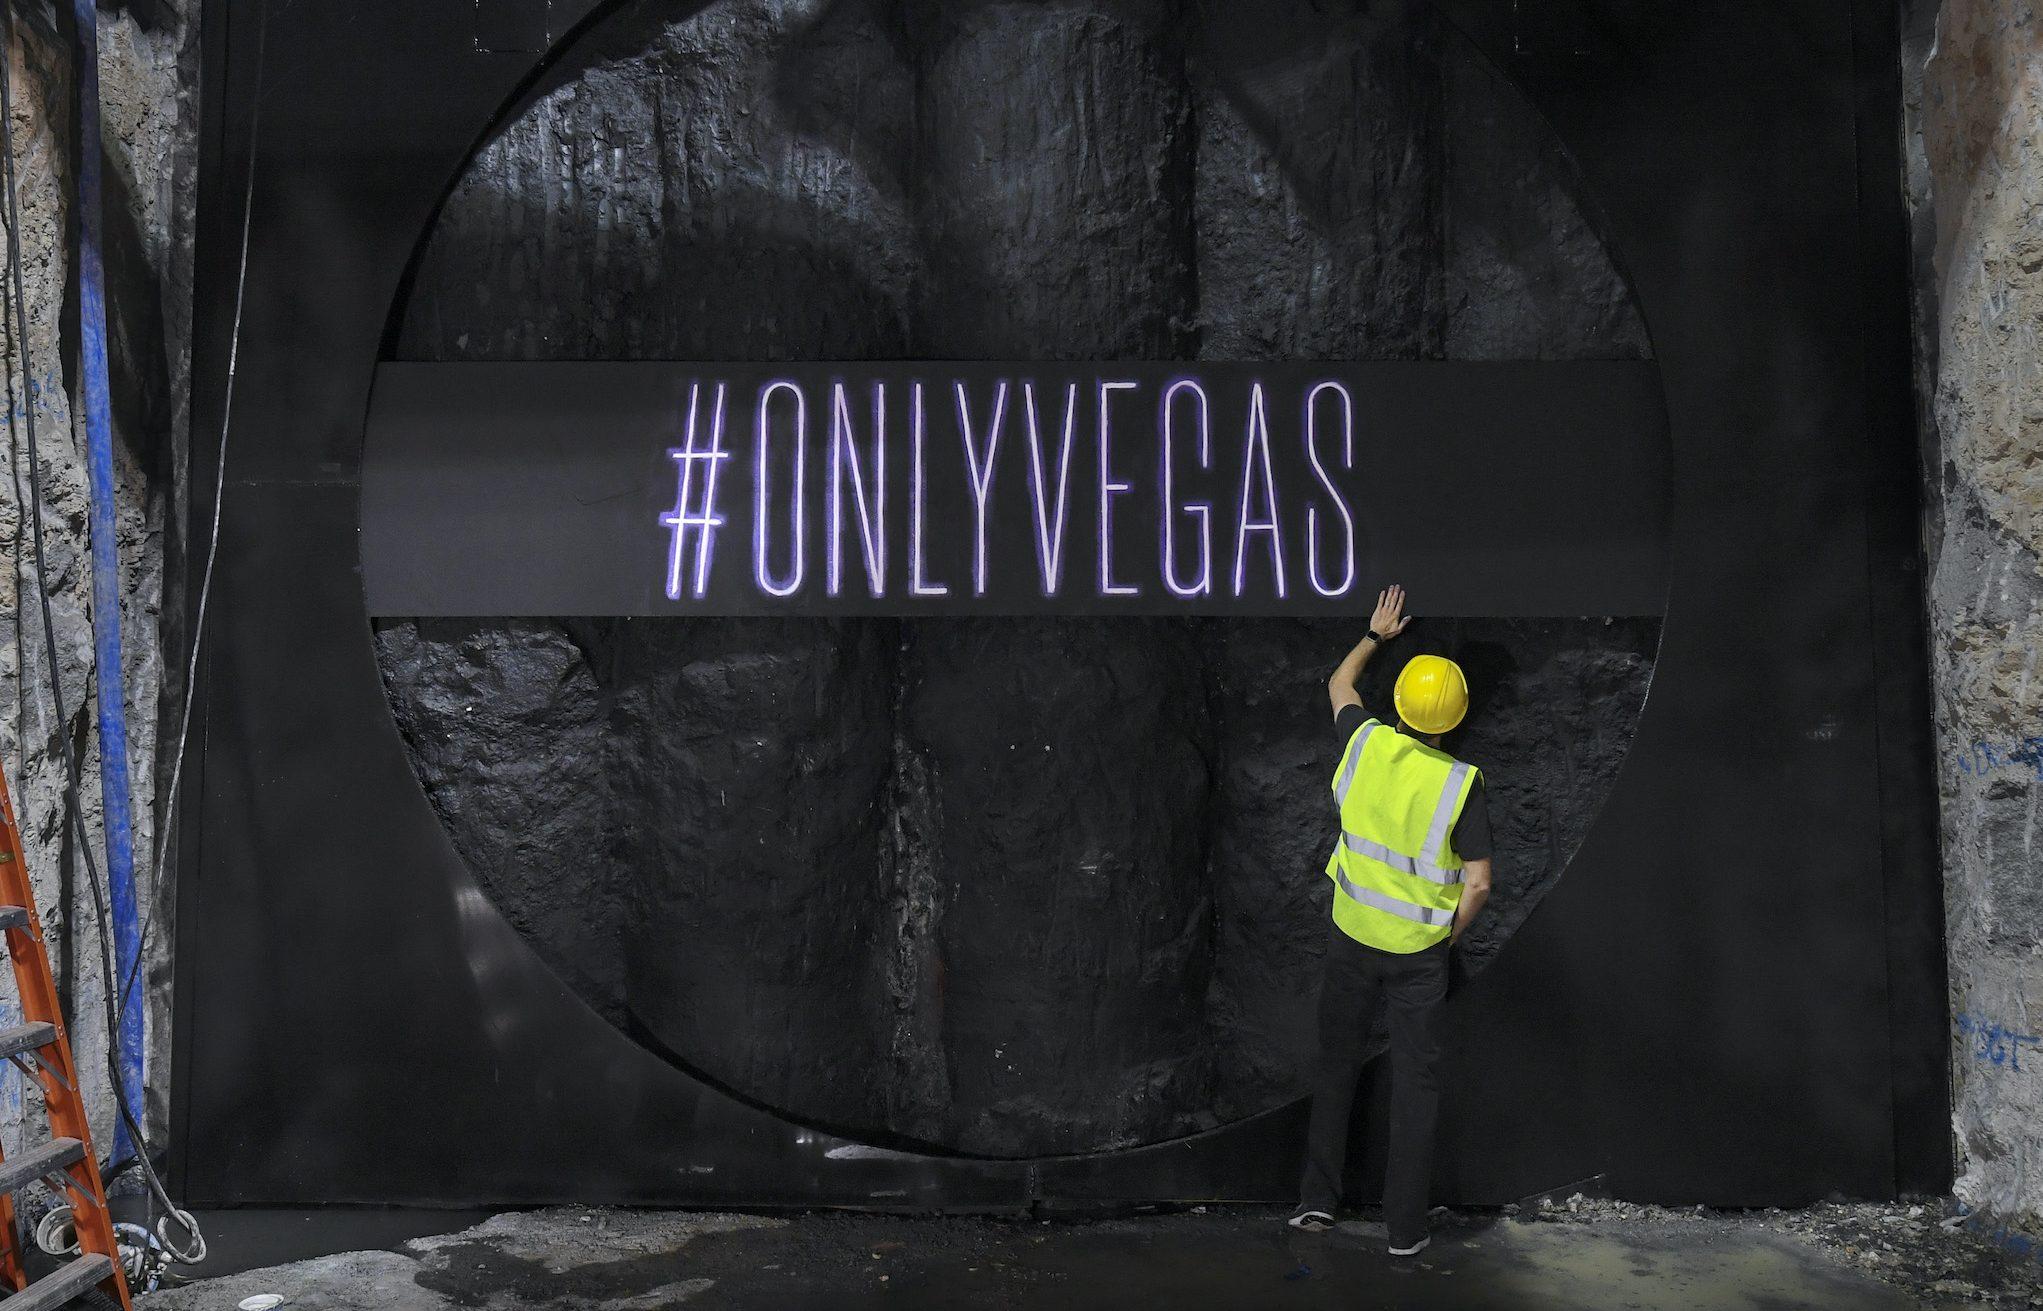 TBC #OnlyVegas Logo